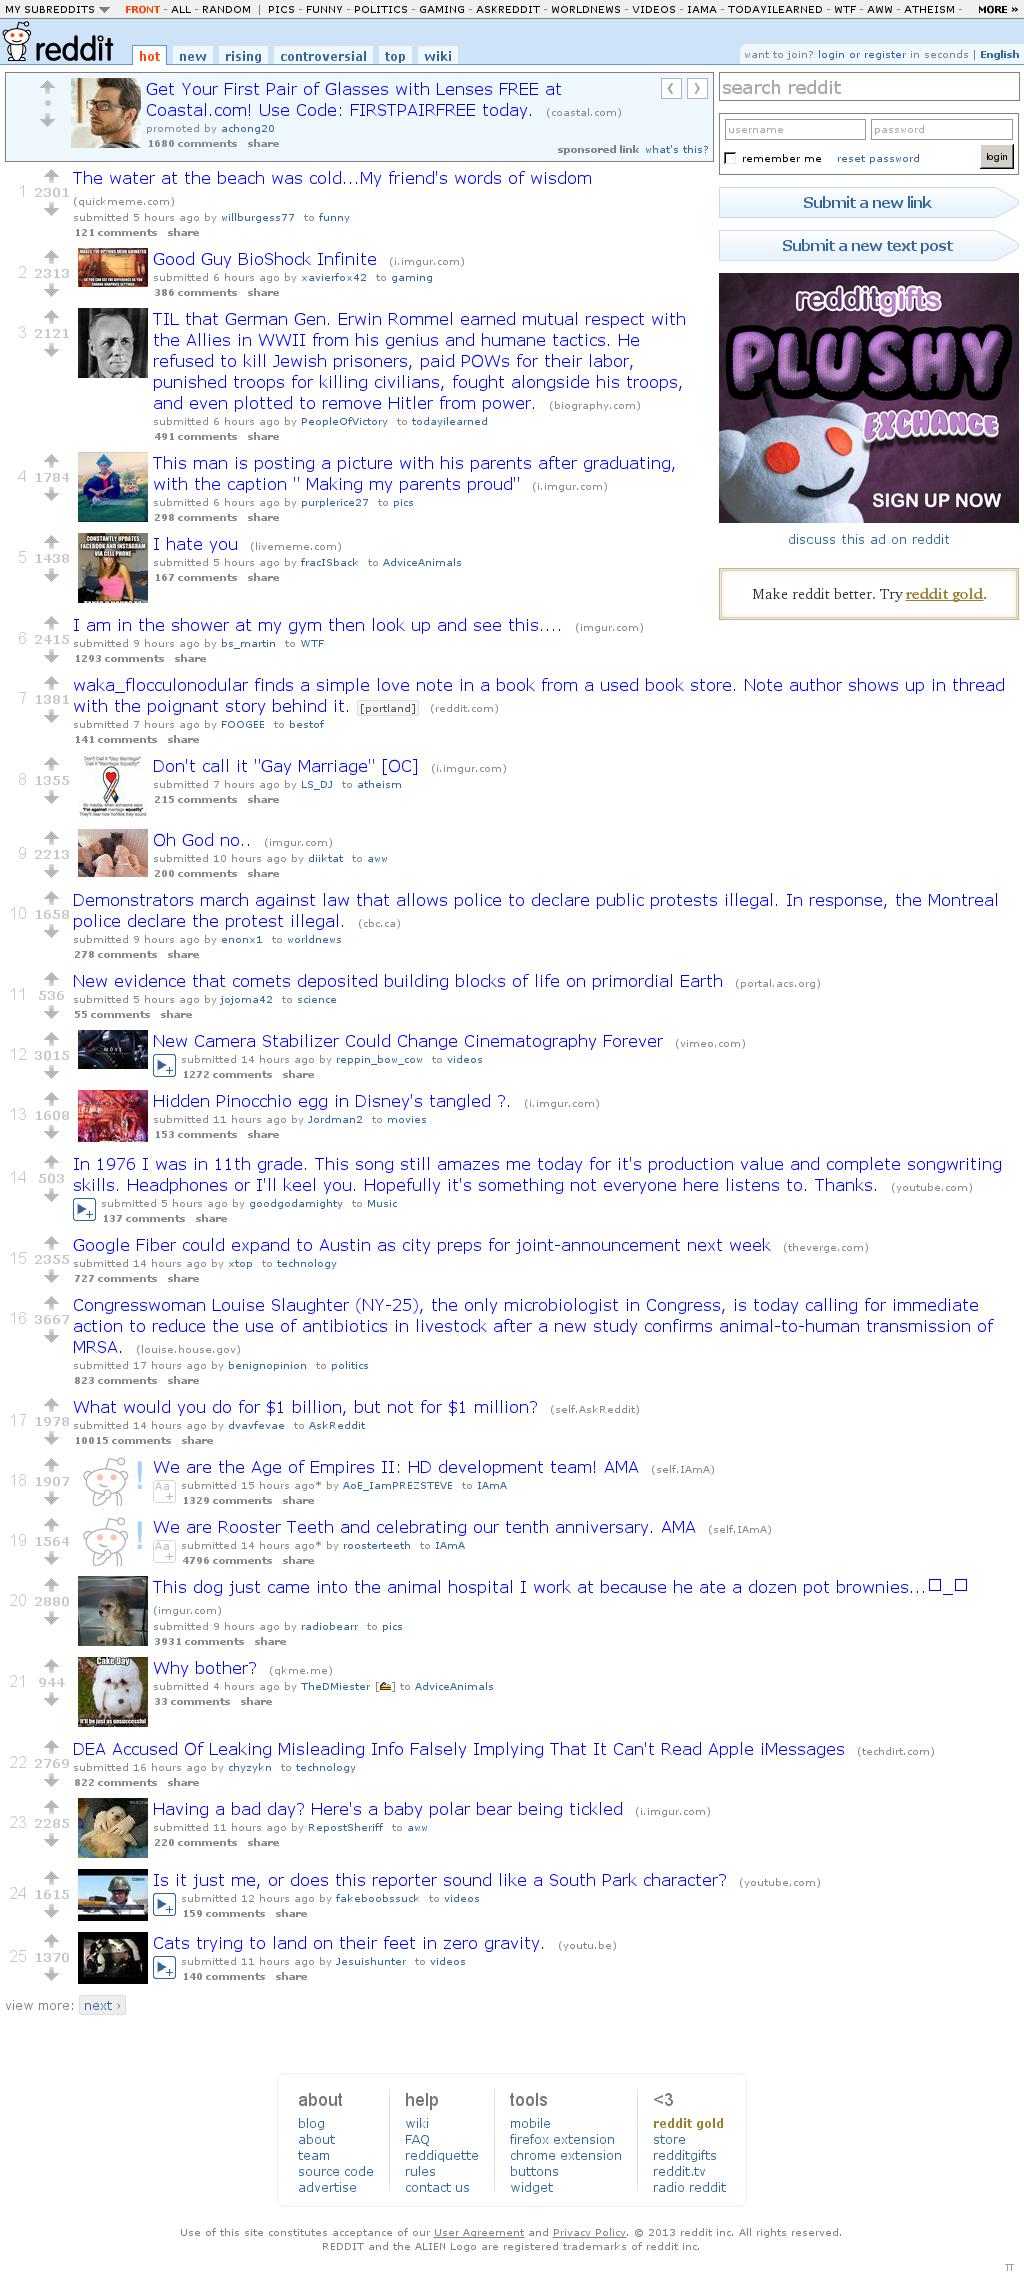 Reddit at Saturday April 6, 2013, 10:18 a.m. UTC